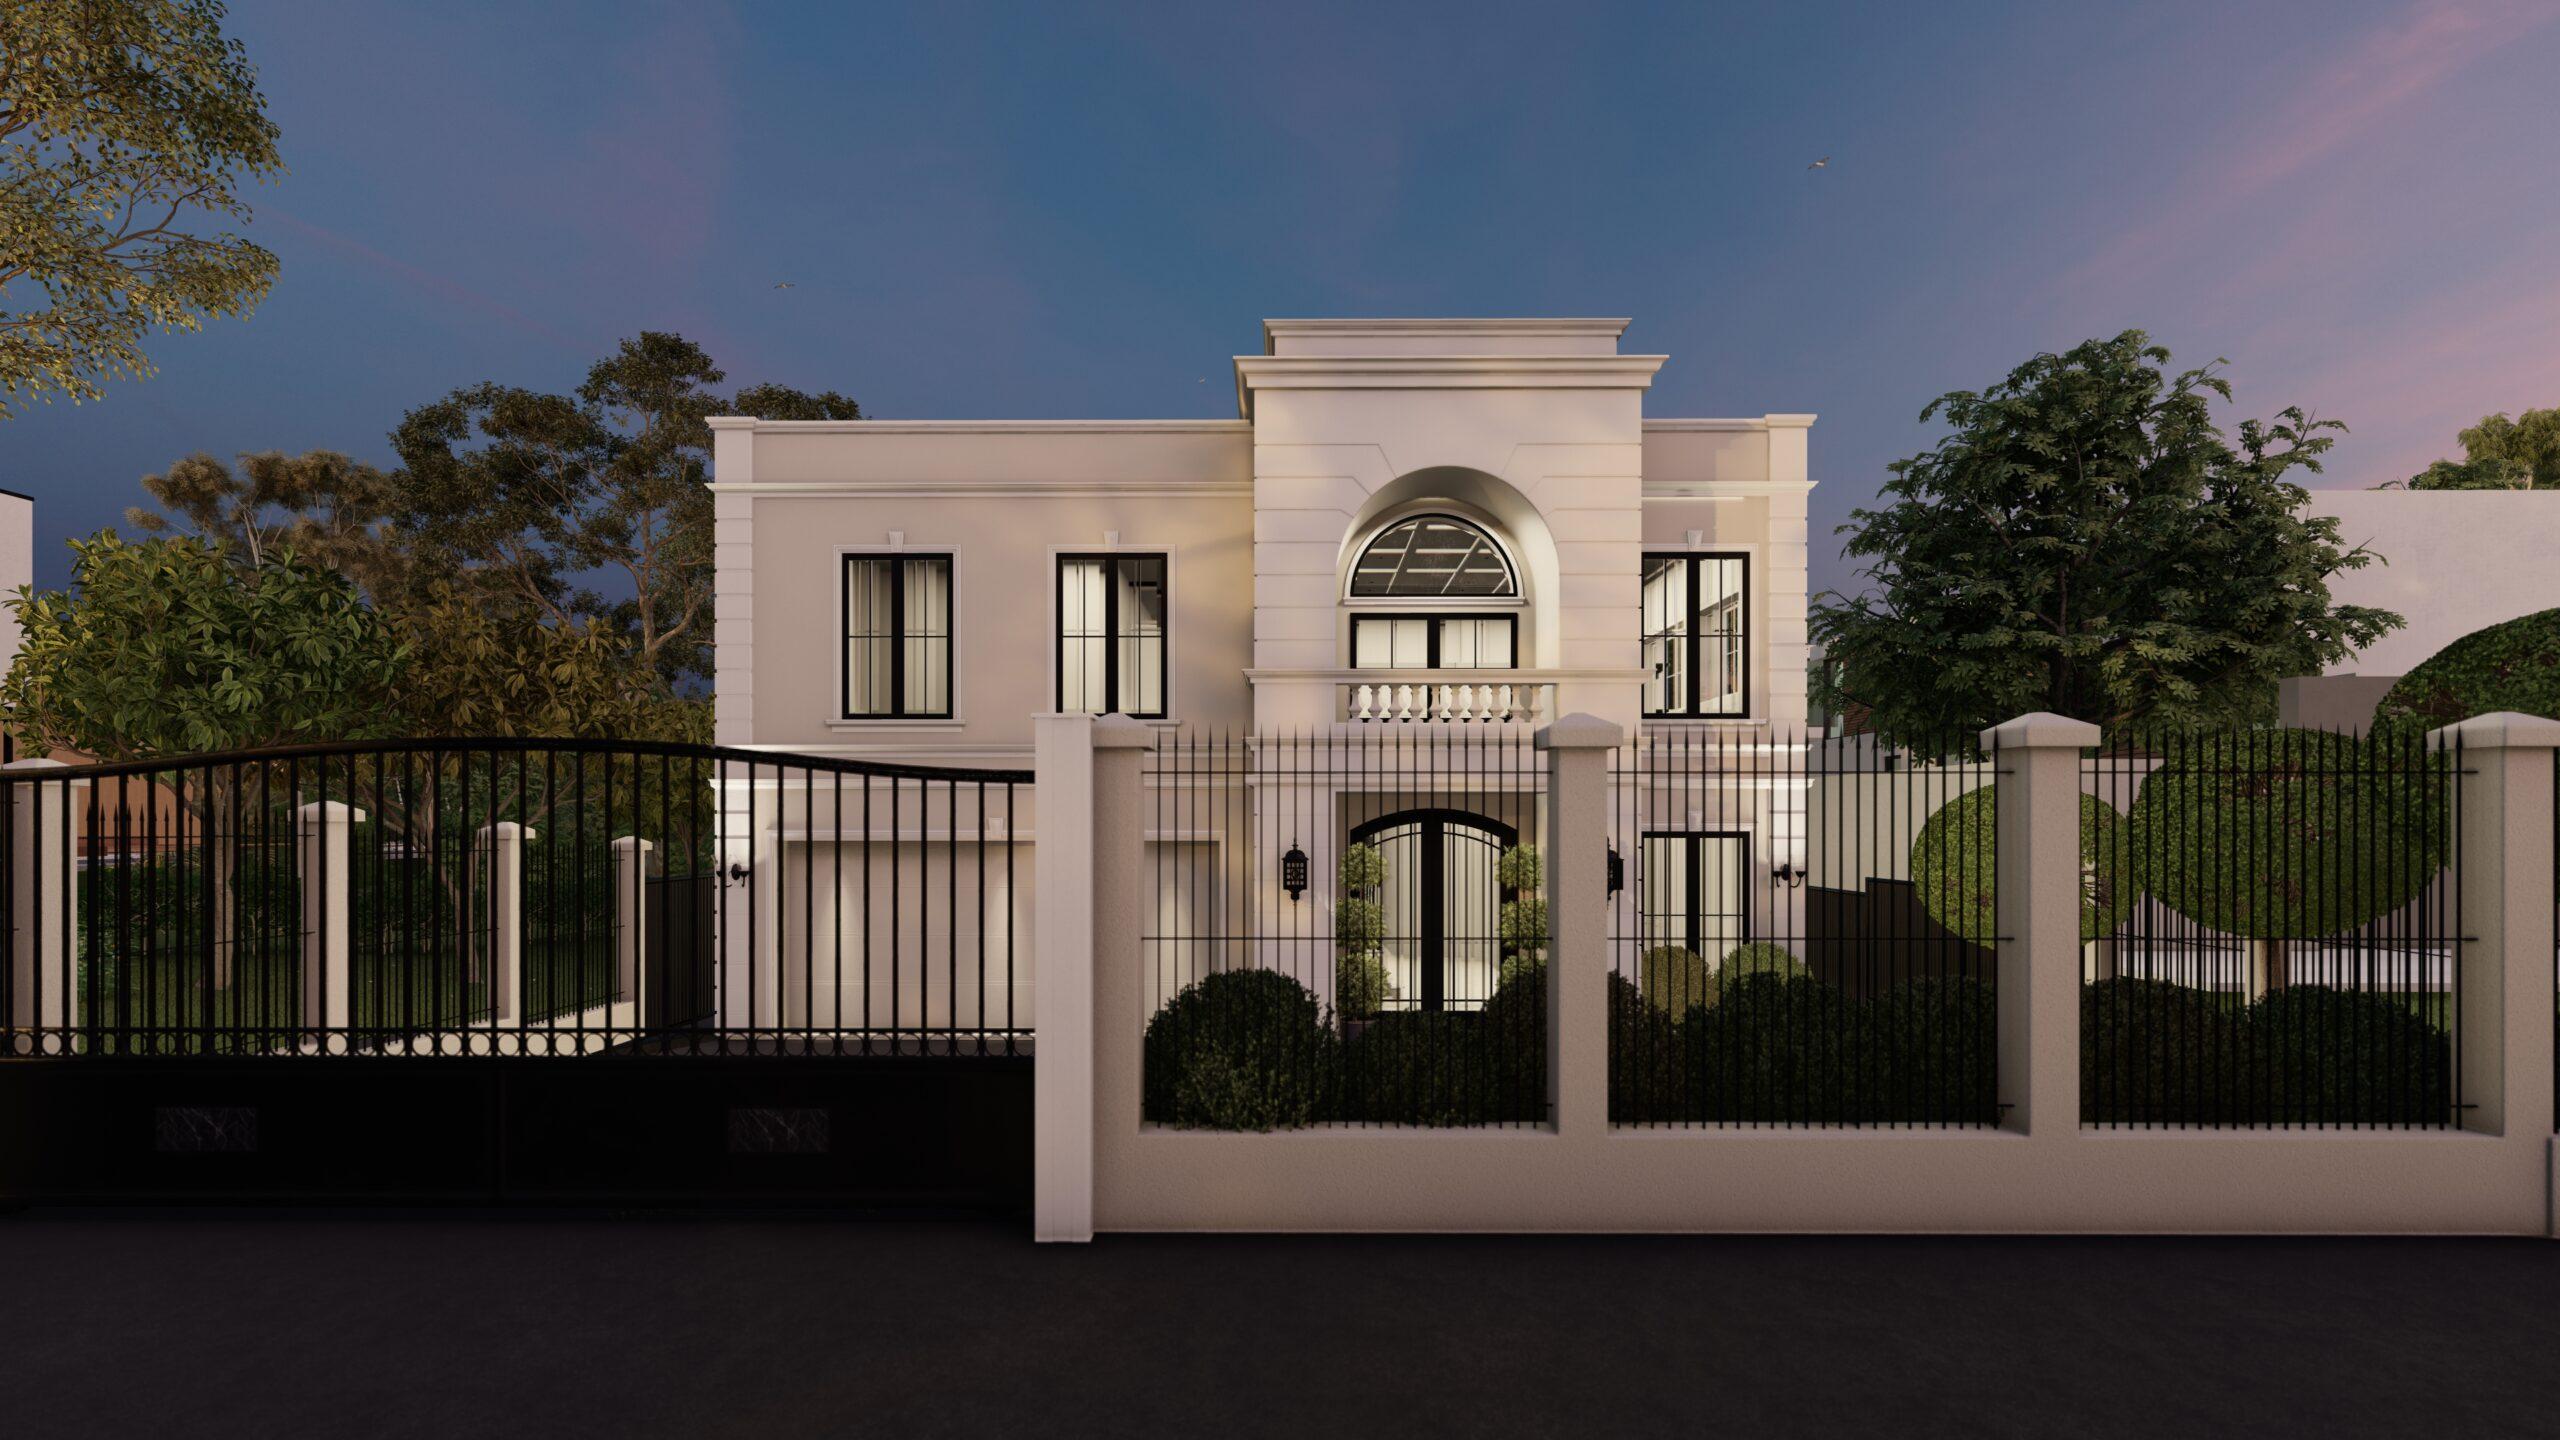 The Herbert Residence